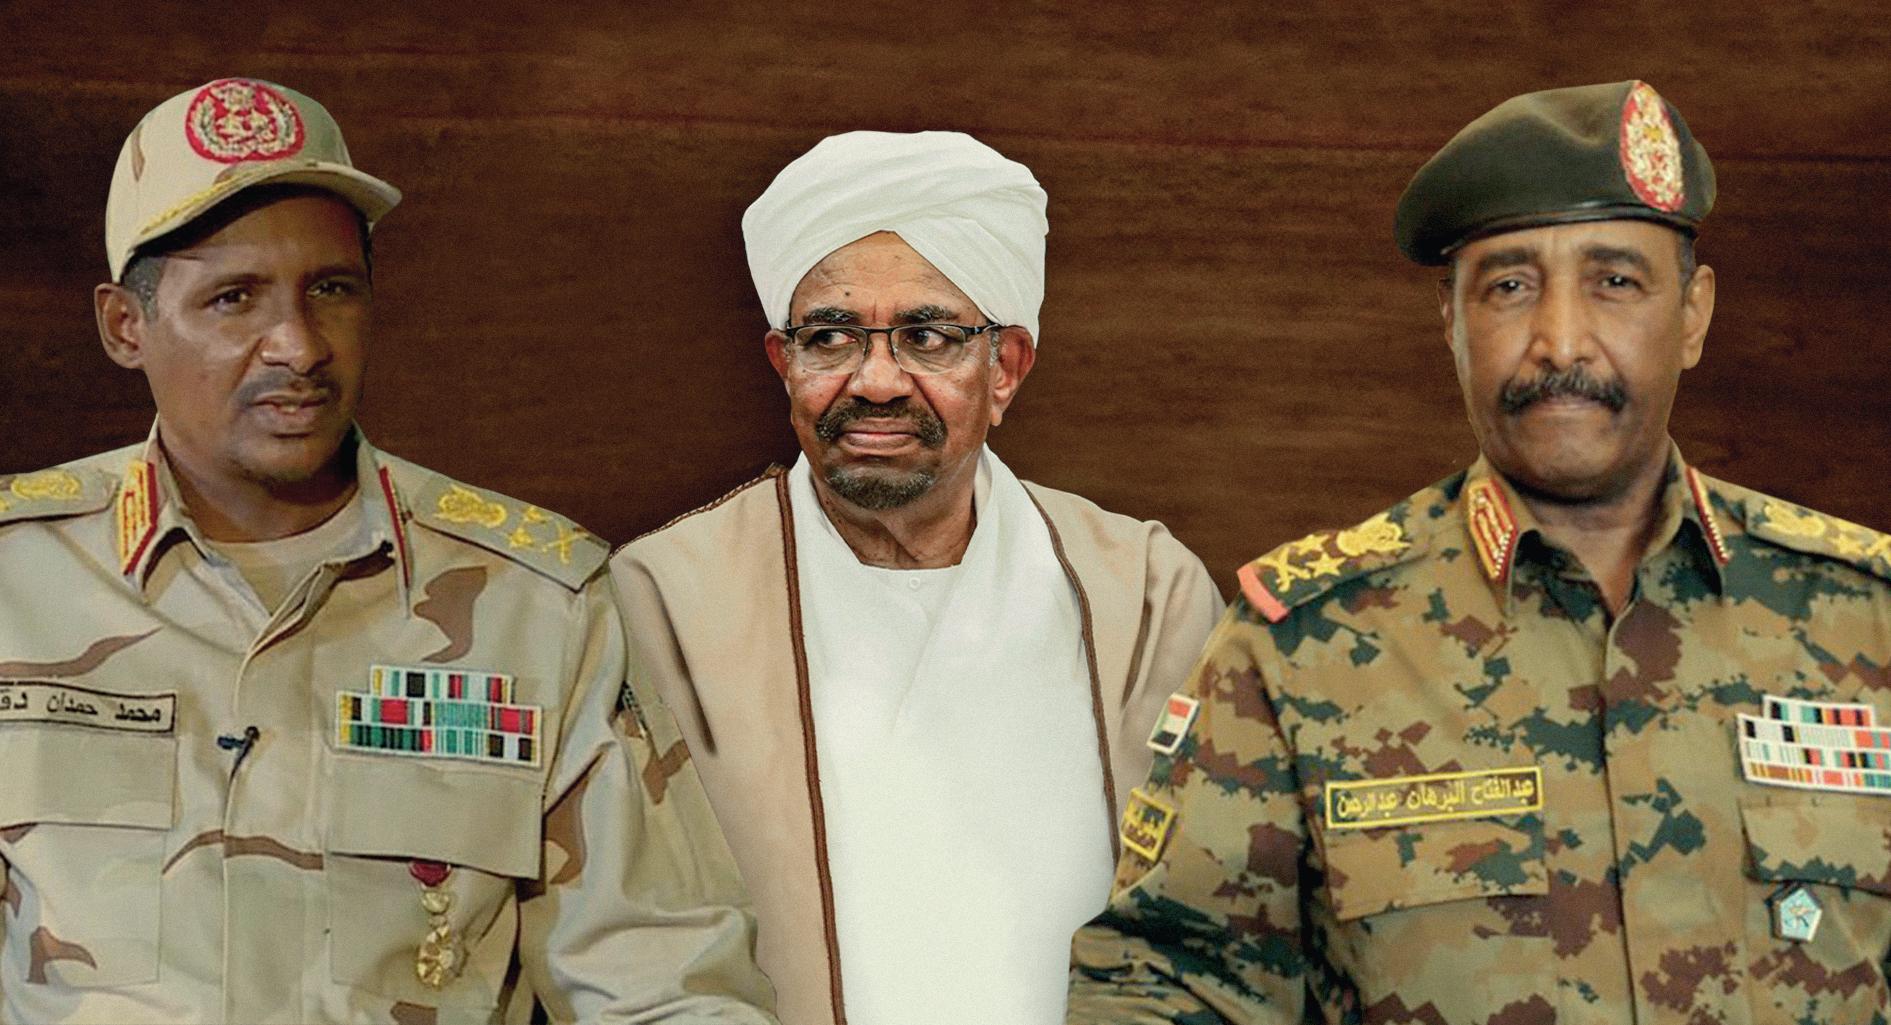 صورة البدء بمحاكمة البشير بتهمة سوء توزيع ثروات السودان على أصدقائه